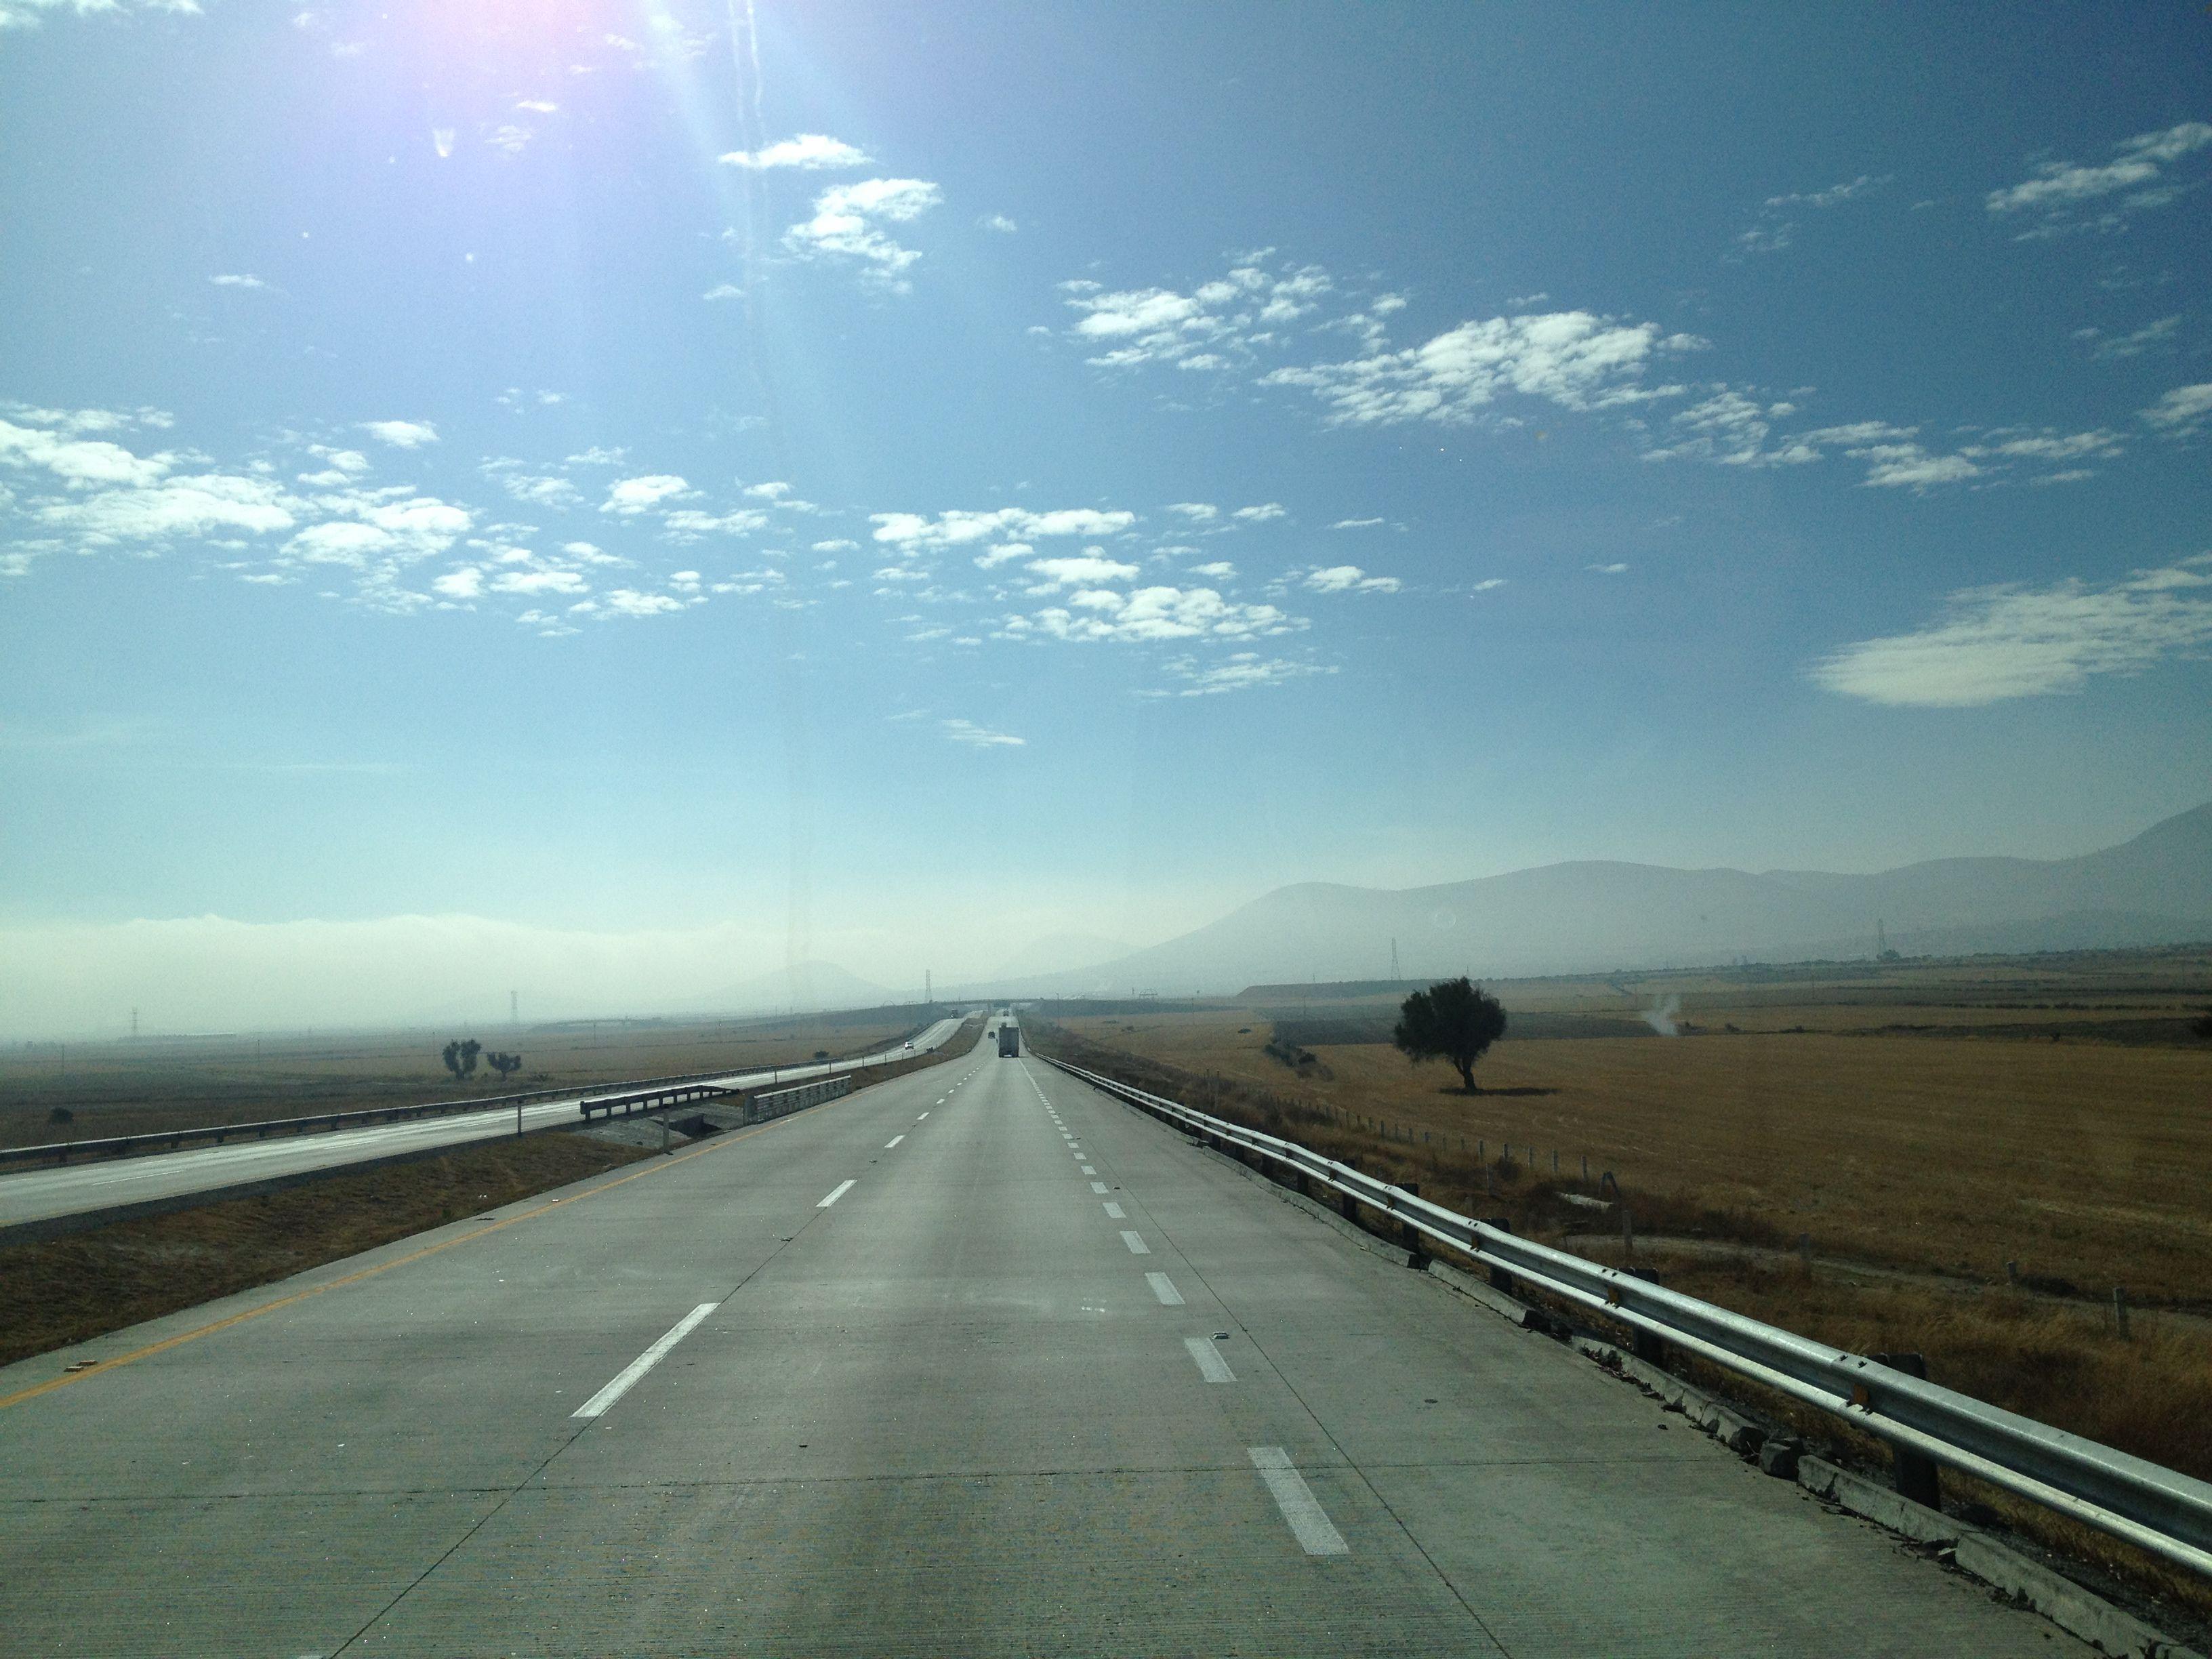 Horizonte claro y despejado...Rumbo a Puebla!!!